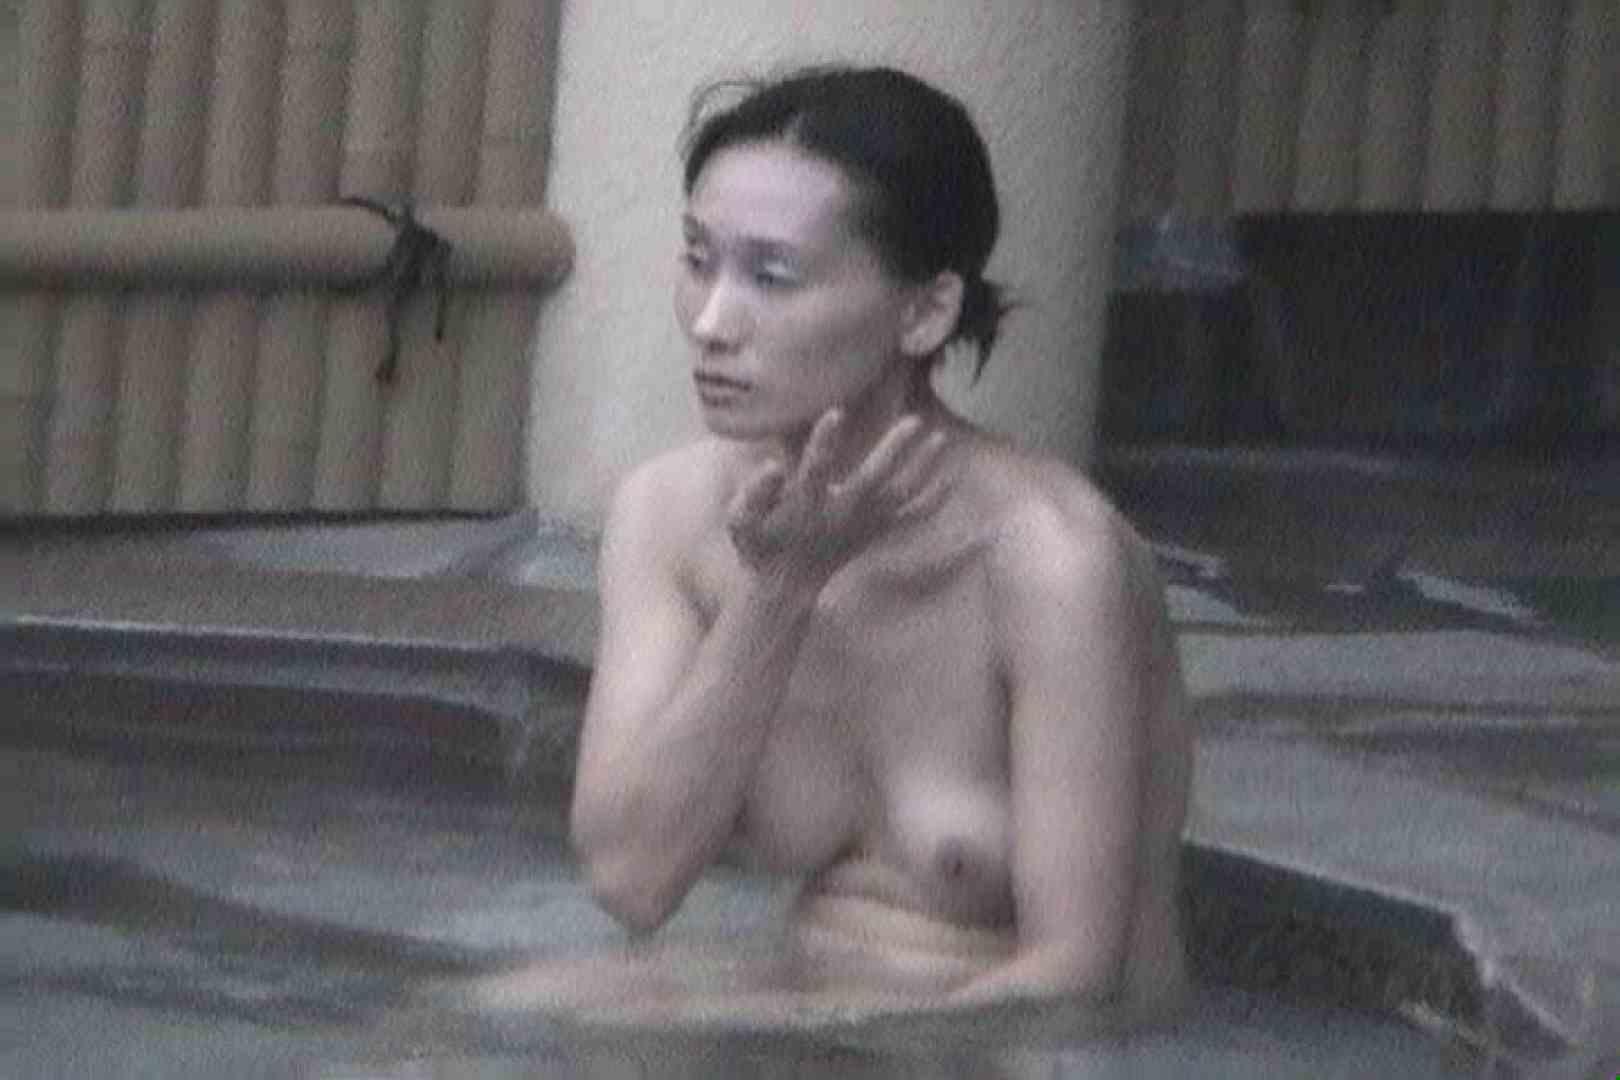 Aquaな露天風呂Vol.557 OLのエロ生活  34連発 33